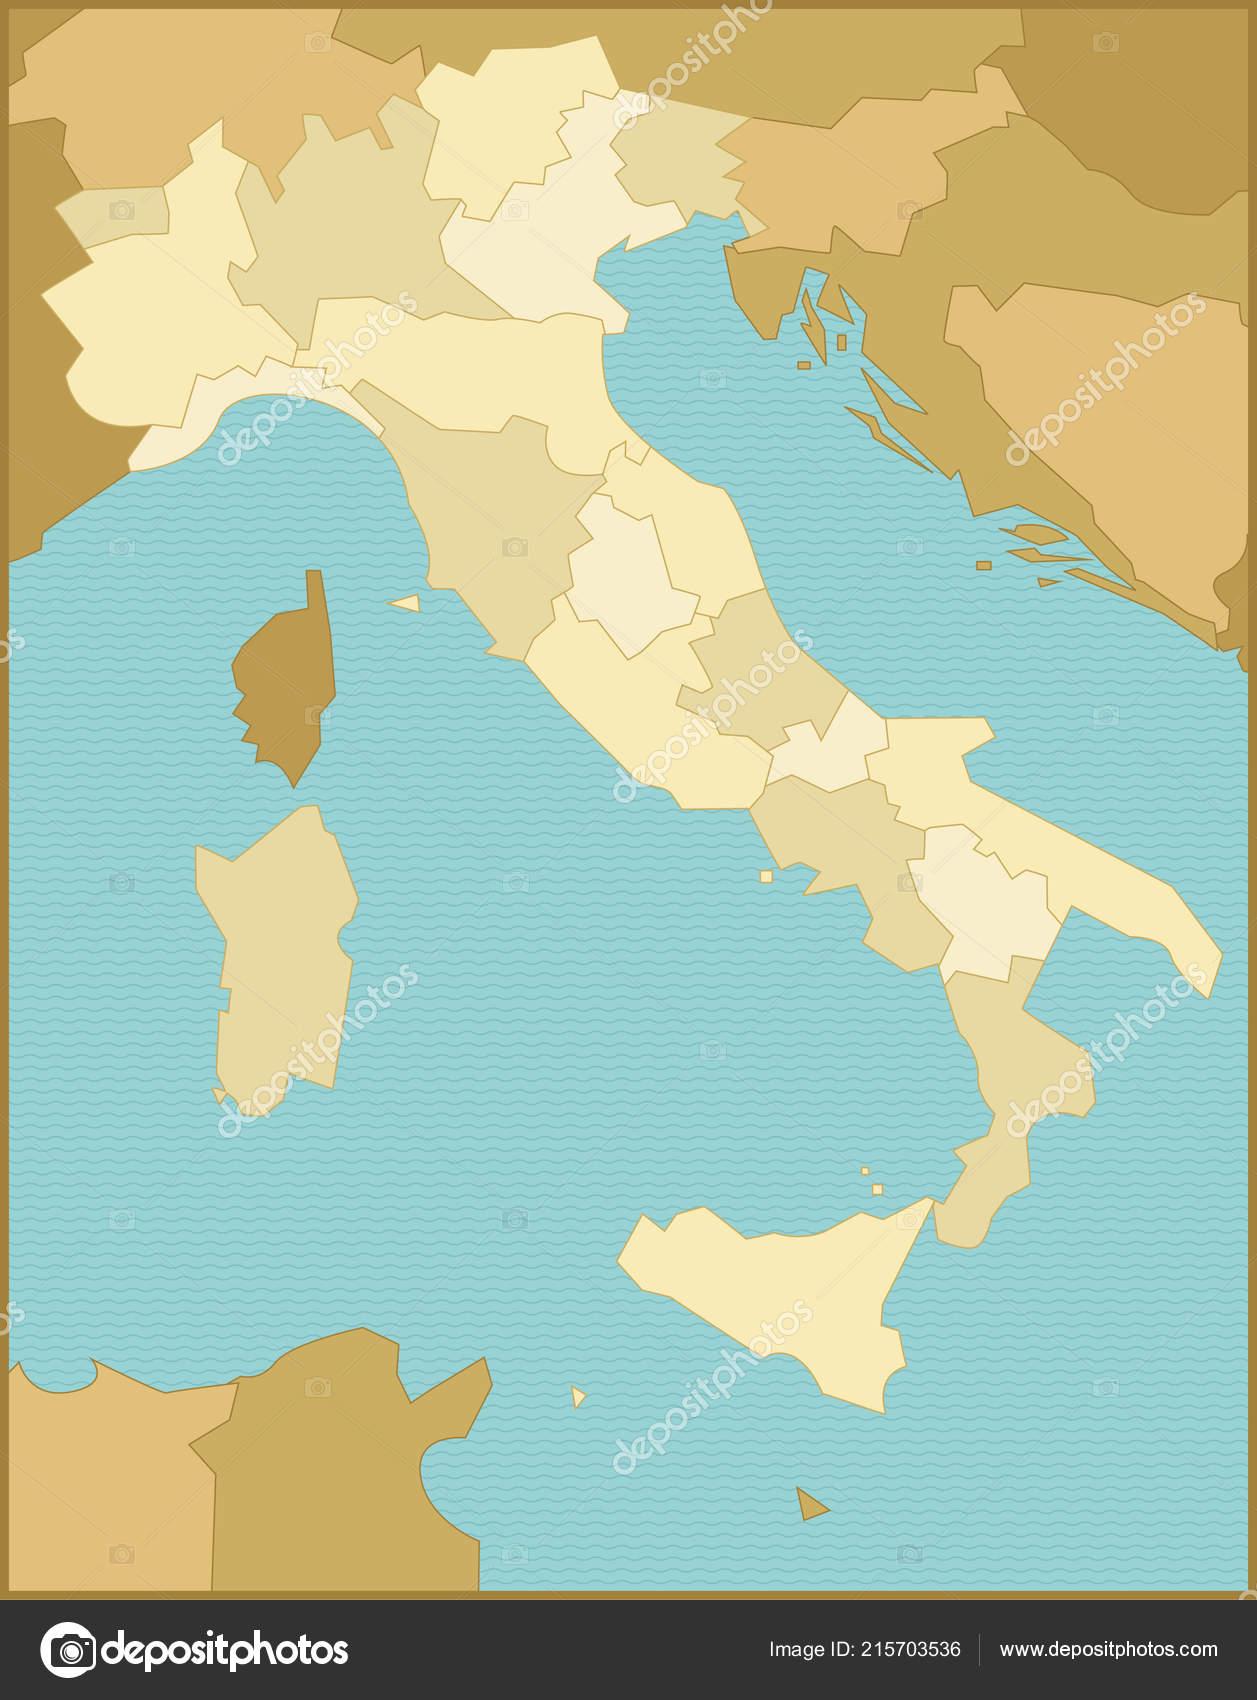 Italien Karte Regionen.Italien Karte Mit Regionen Stockvektor Mauromod 215703536